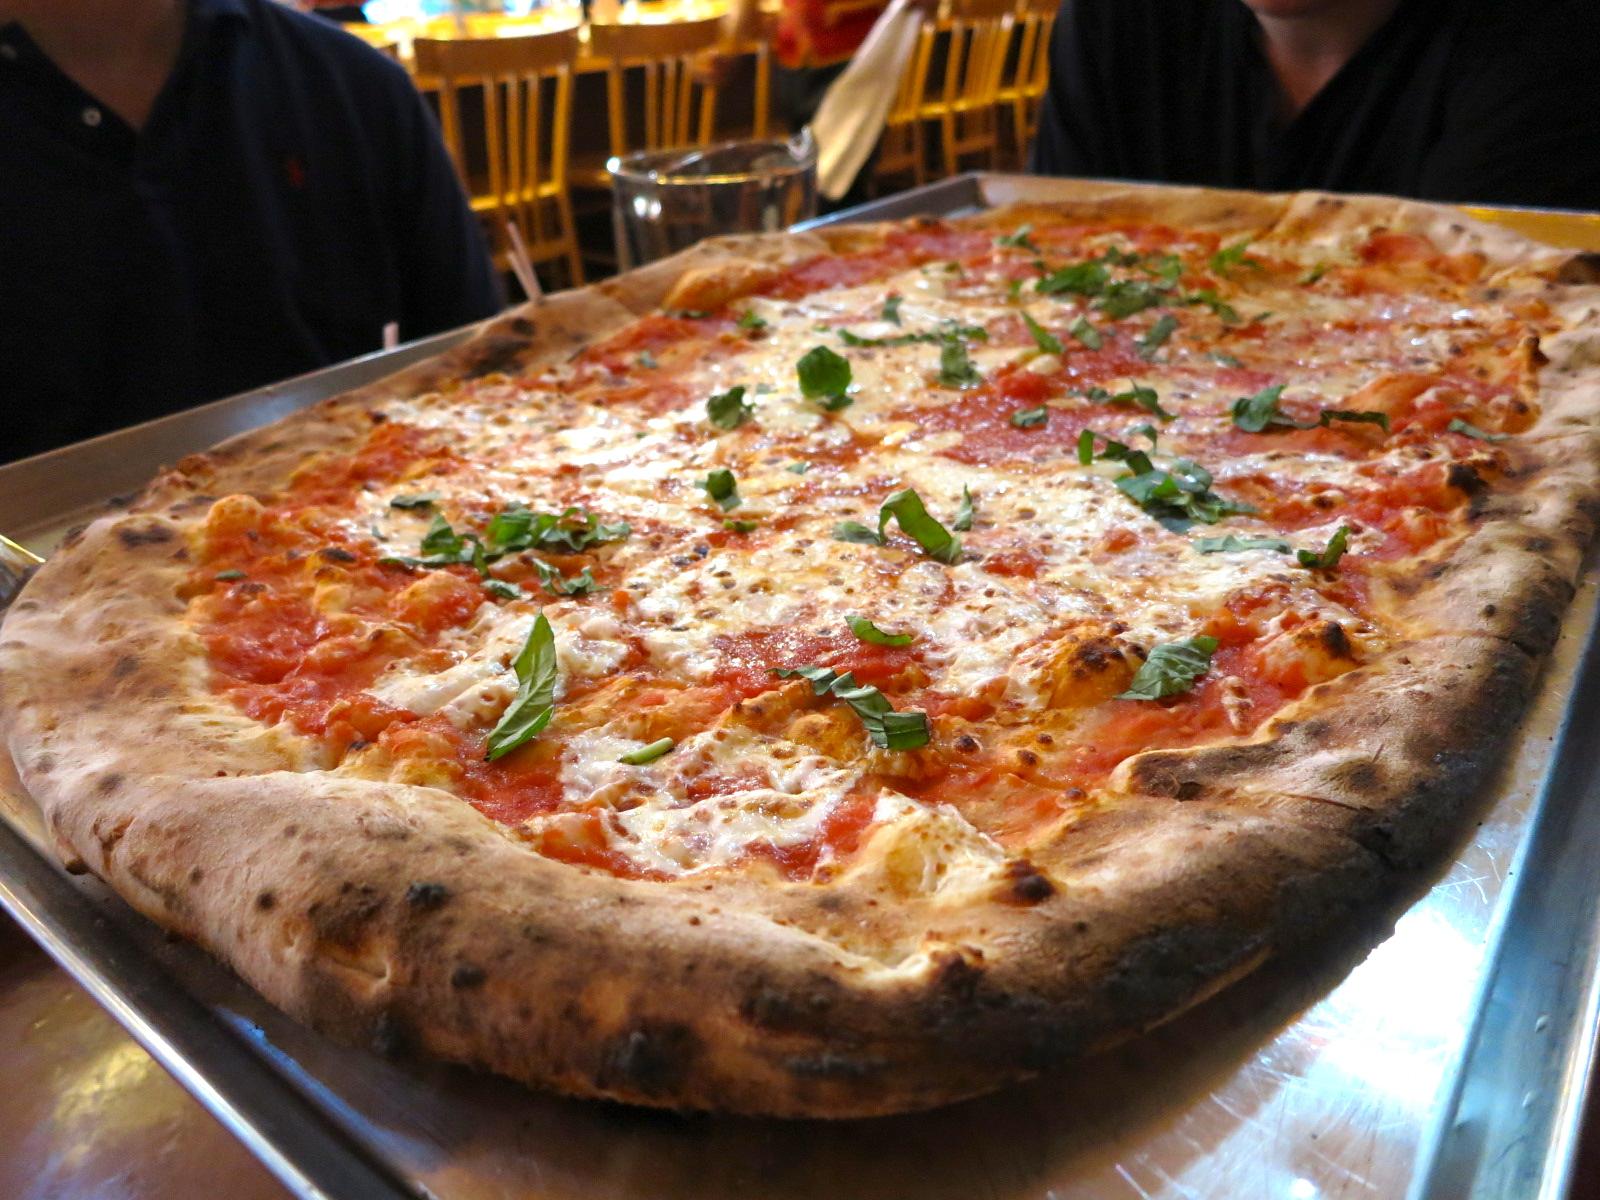 Via napoli ristorante e pizzeria the food queen for Pizza pizzeria